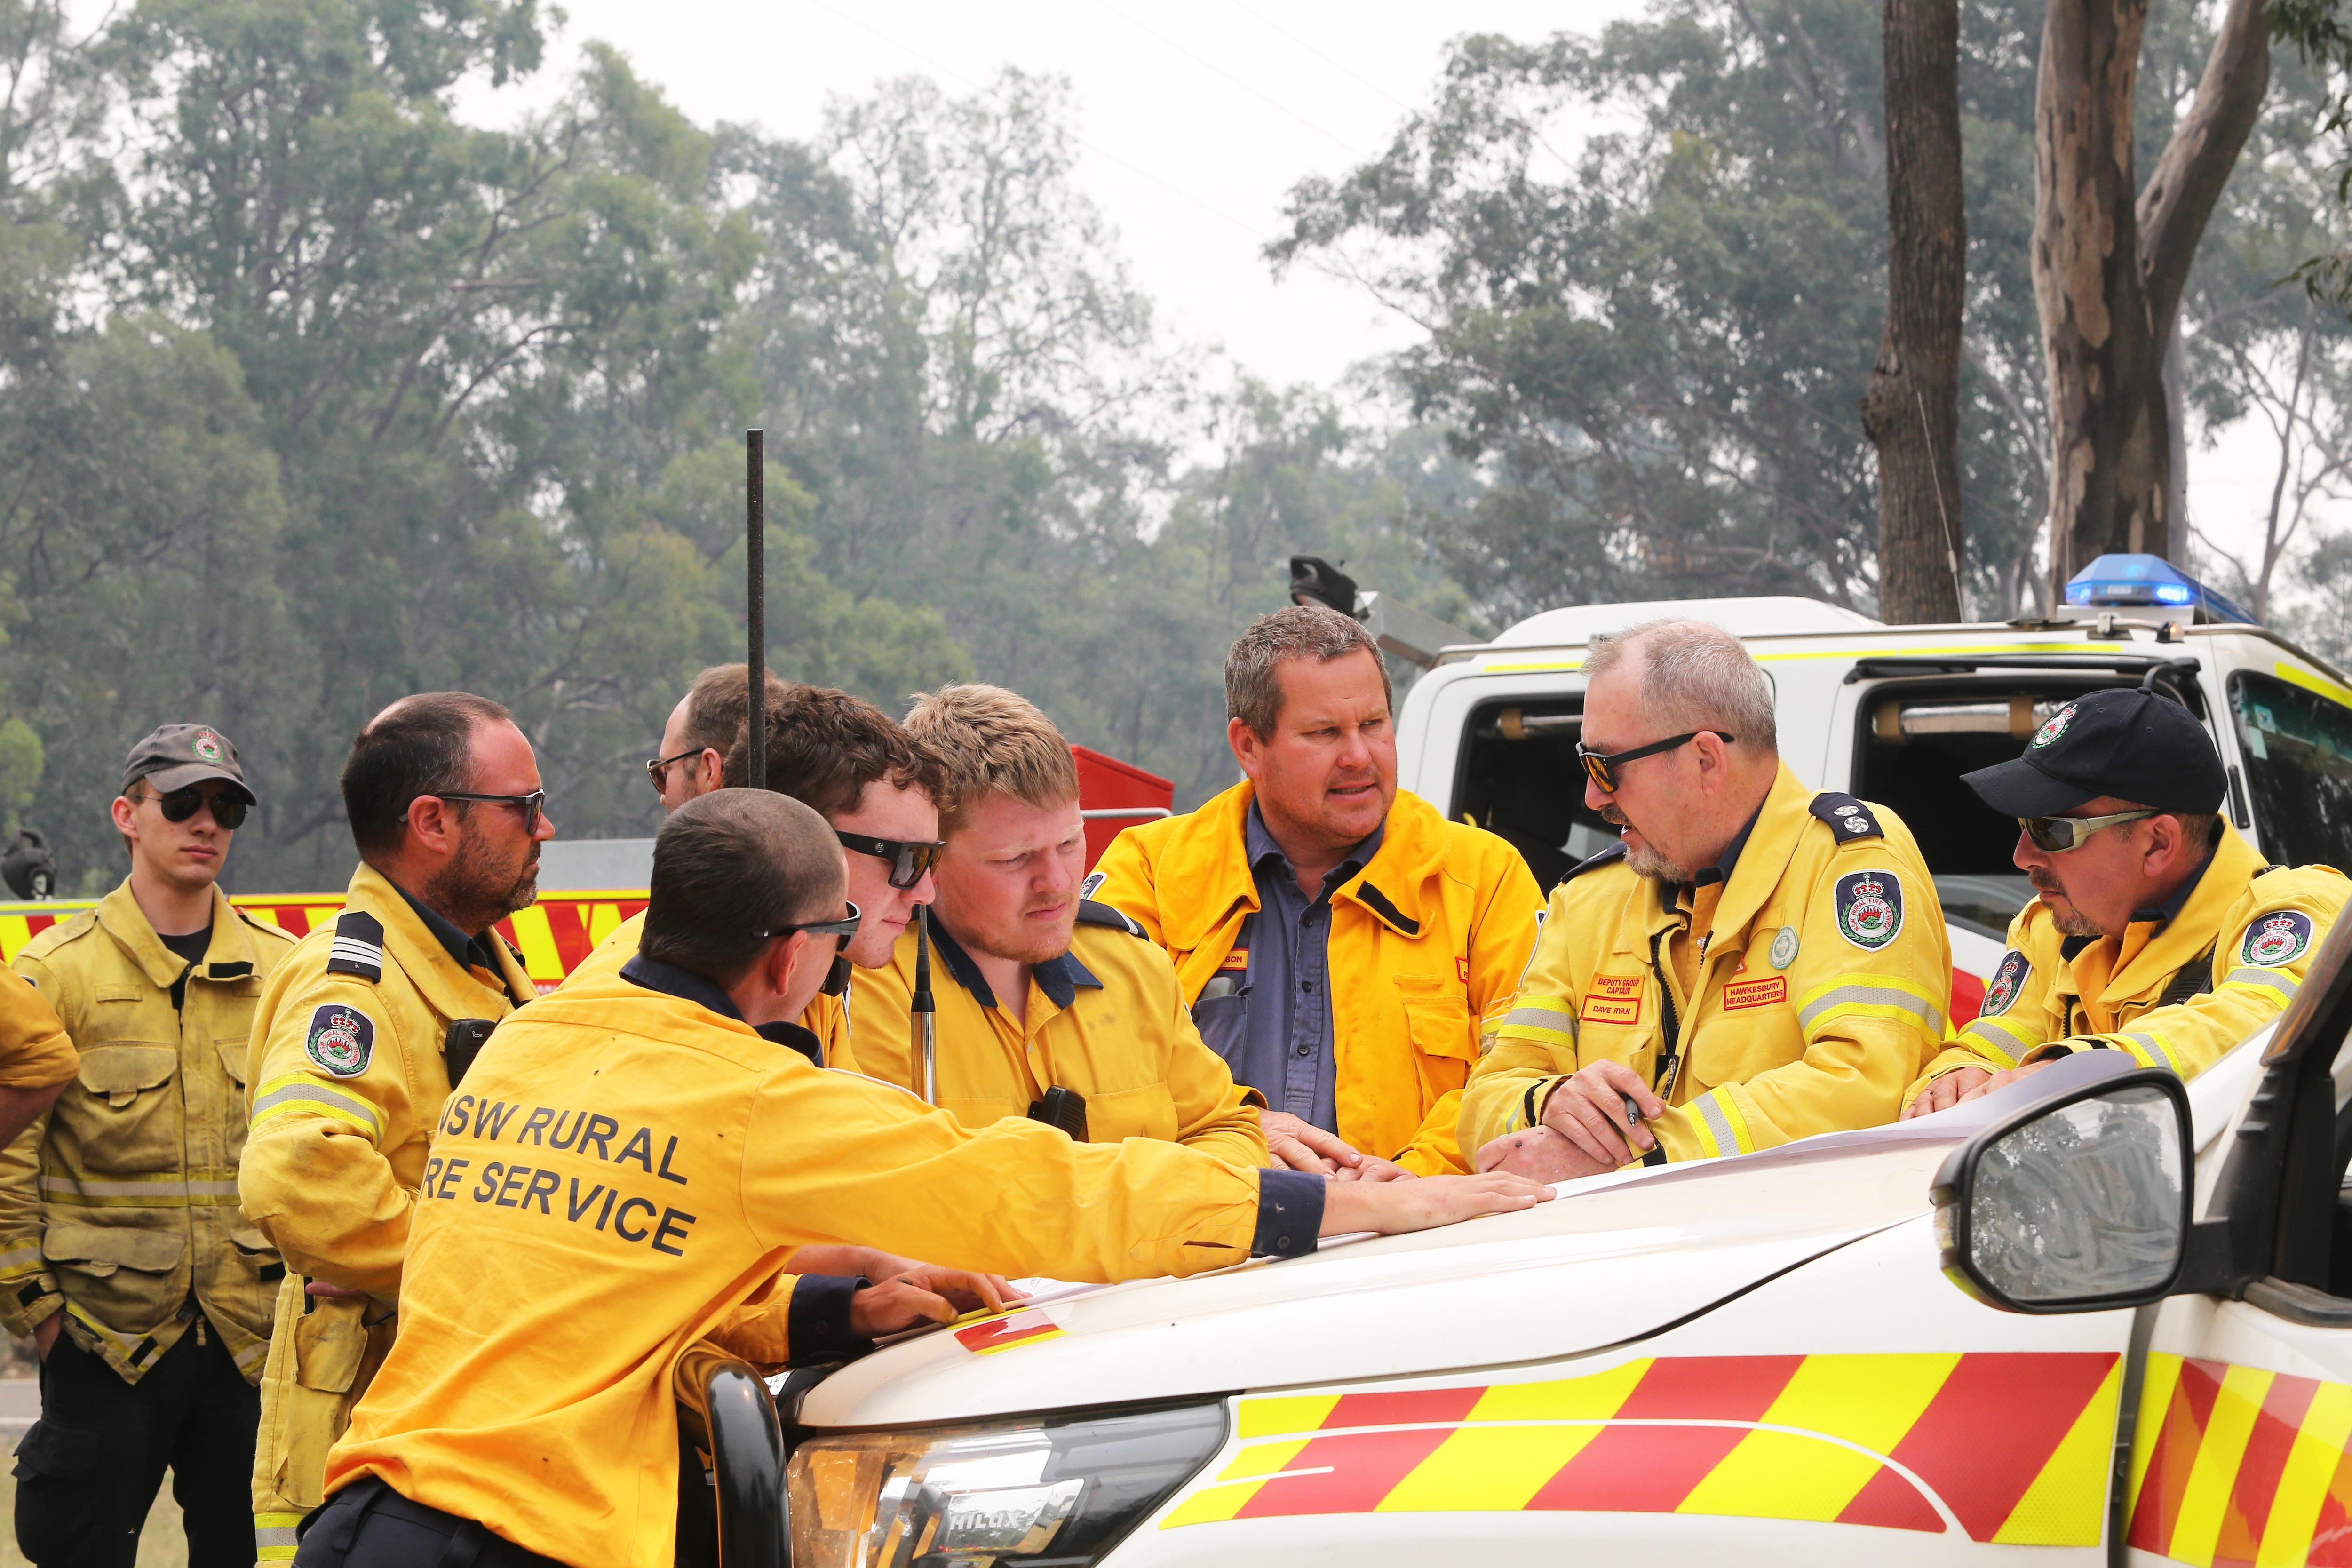 NSW volunteer firefighters